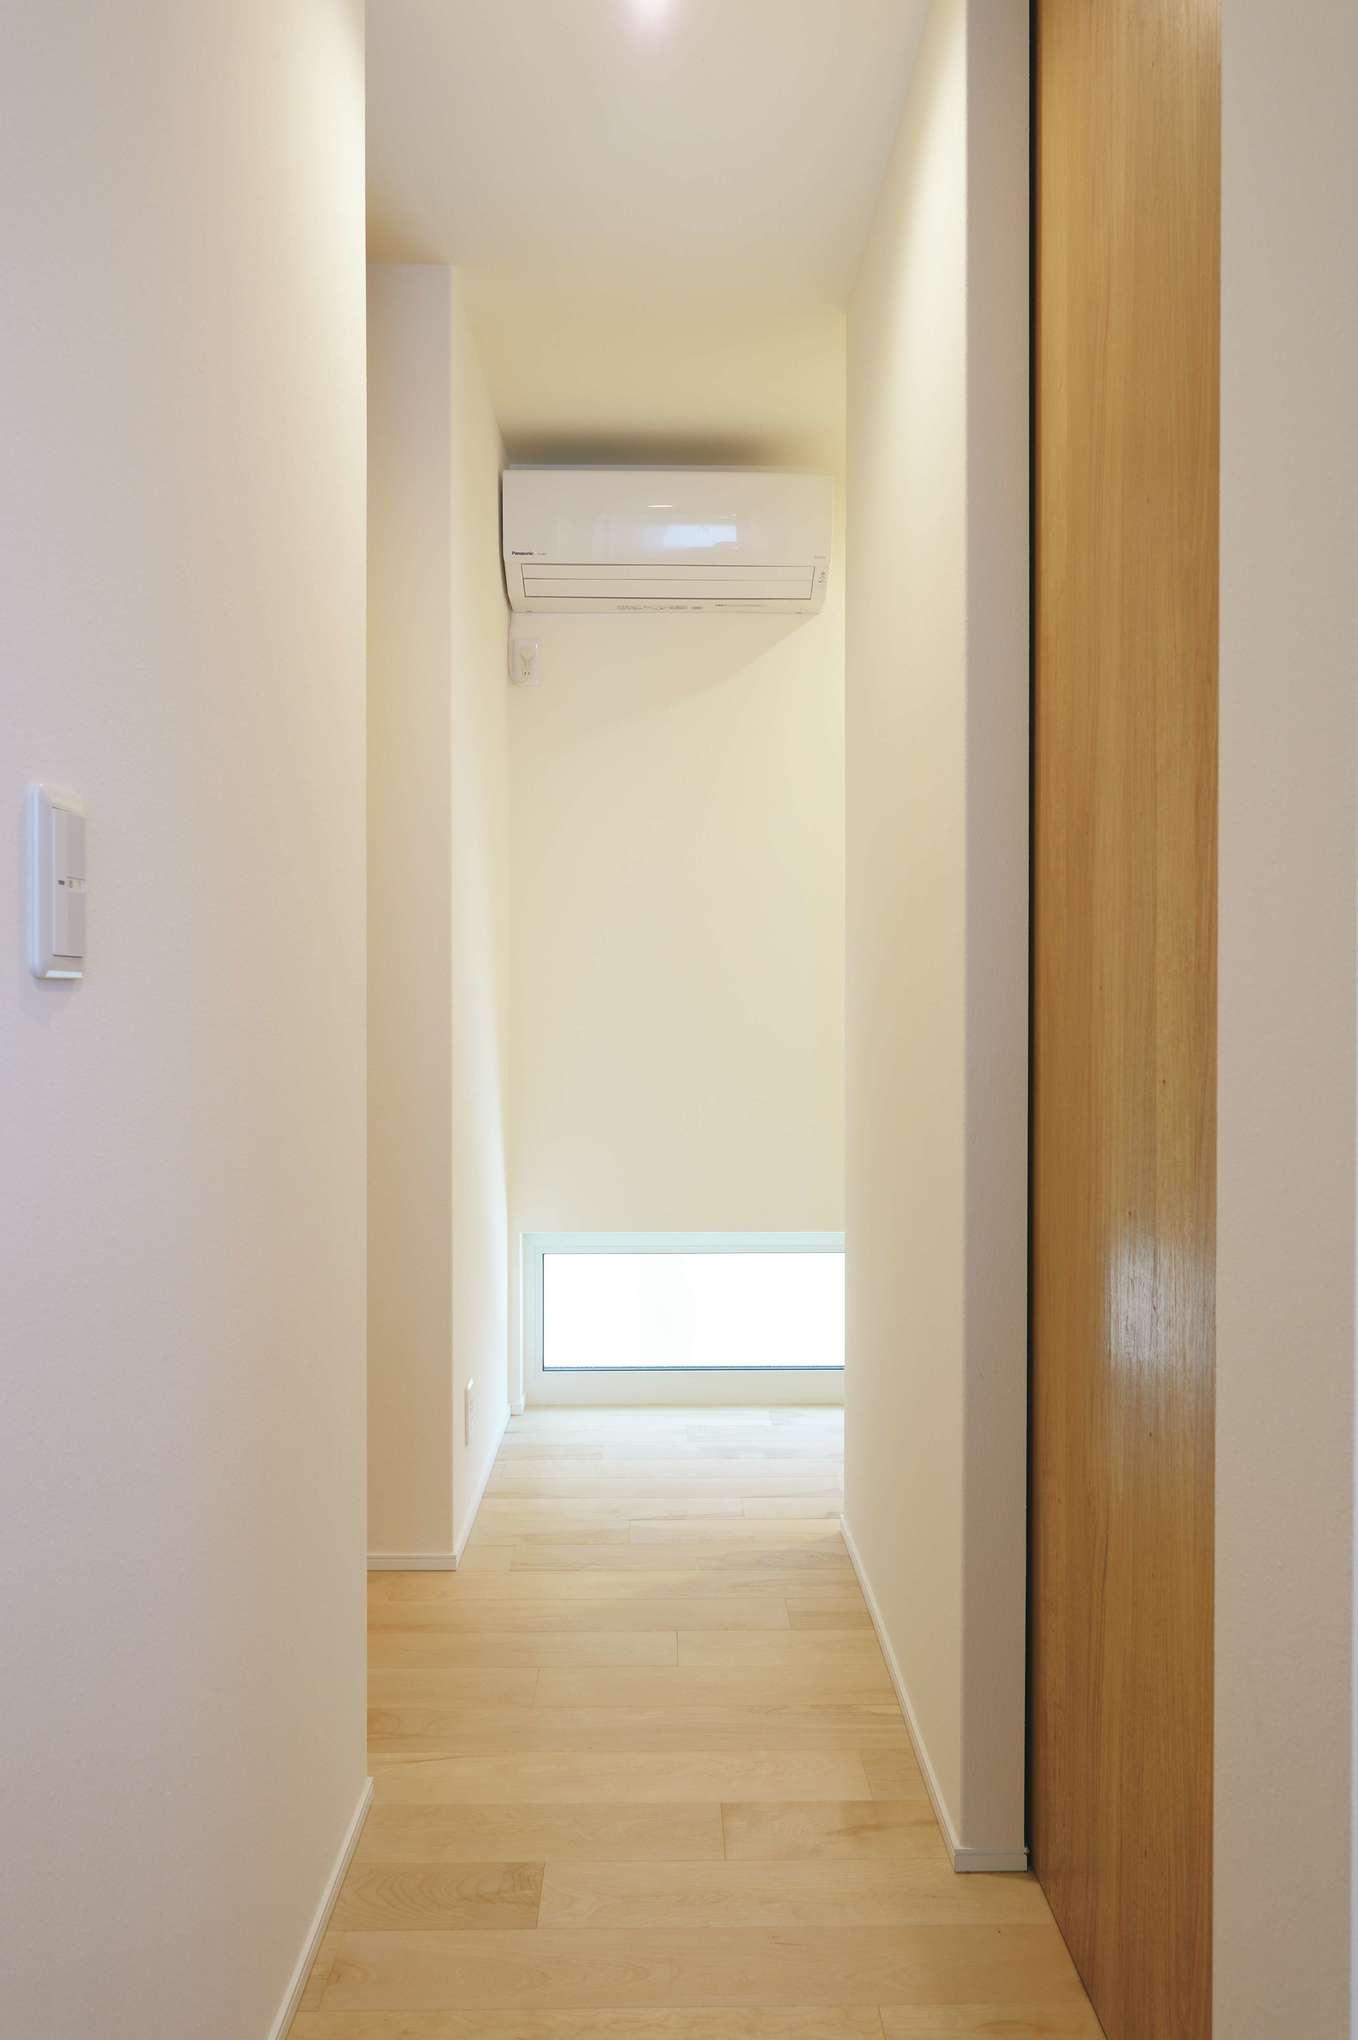 低燃費住宅 静岡(TK武田建築)【子育て、自然素材、省エネ】吹き抜けにあるファンによって家の空気が巡り、室温が均一になる。脱衣室も、トイレの中も快適。子どもが寝ていて布団を蹴飛ばしても、かぜの心配もなし。エアコンは2台だけなので光熱費はもちろんのこと、数年後の買い替えコストも抑えられる。浮いた分は子どもの習い事や家族旅行などに投資できるのもうれしい